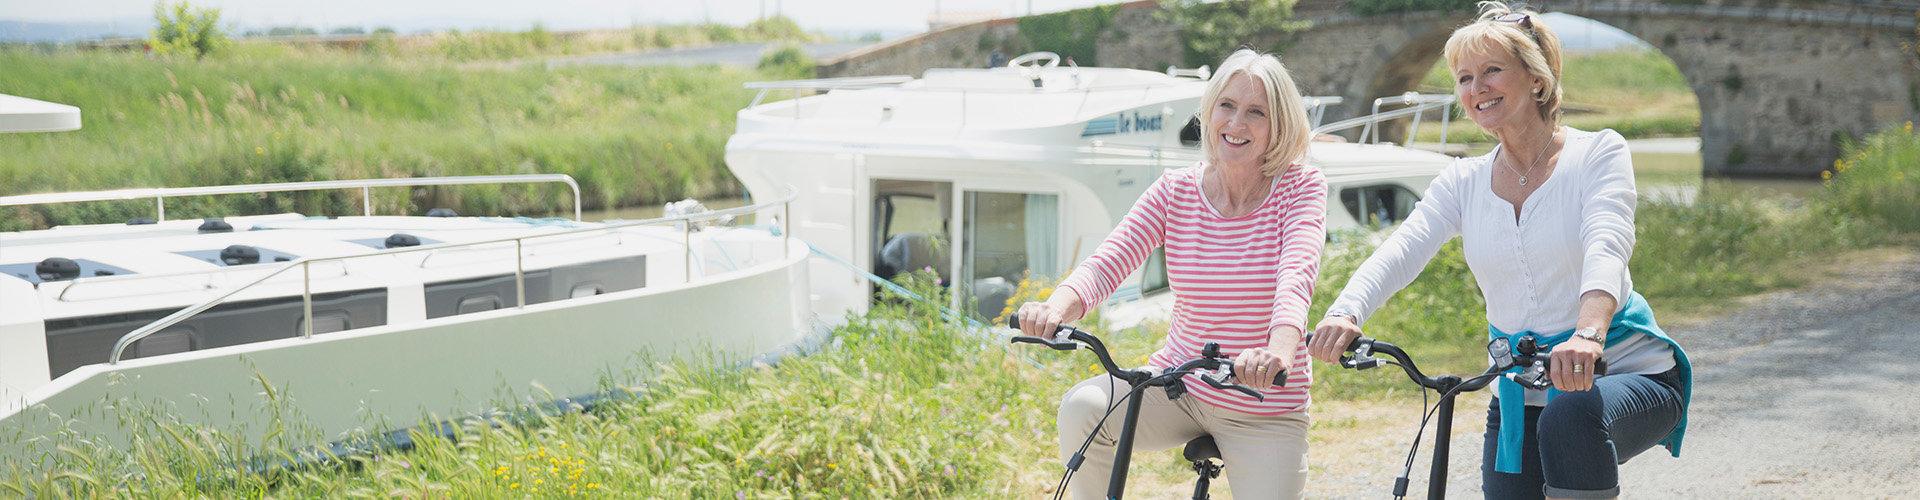 Escursione in bicicletta lungo il Canal du Midi con la barca Vision sullo sfondo